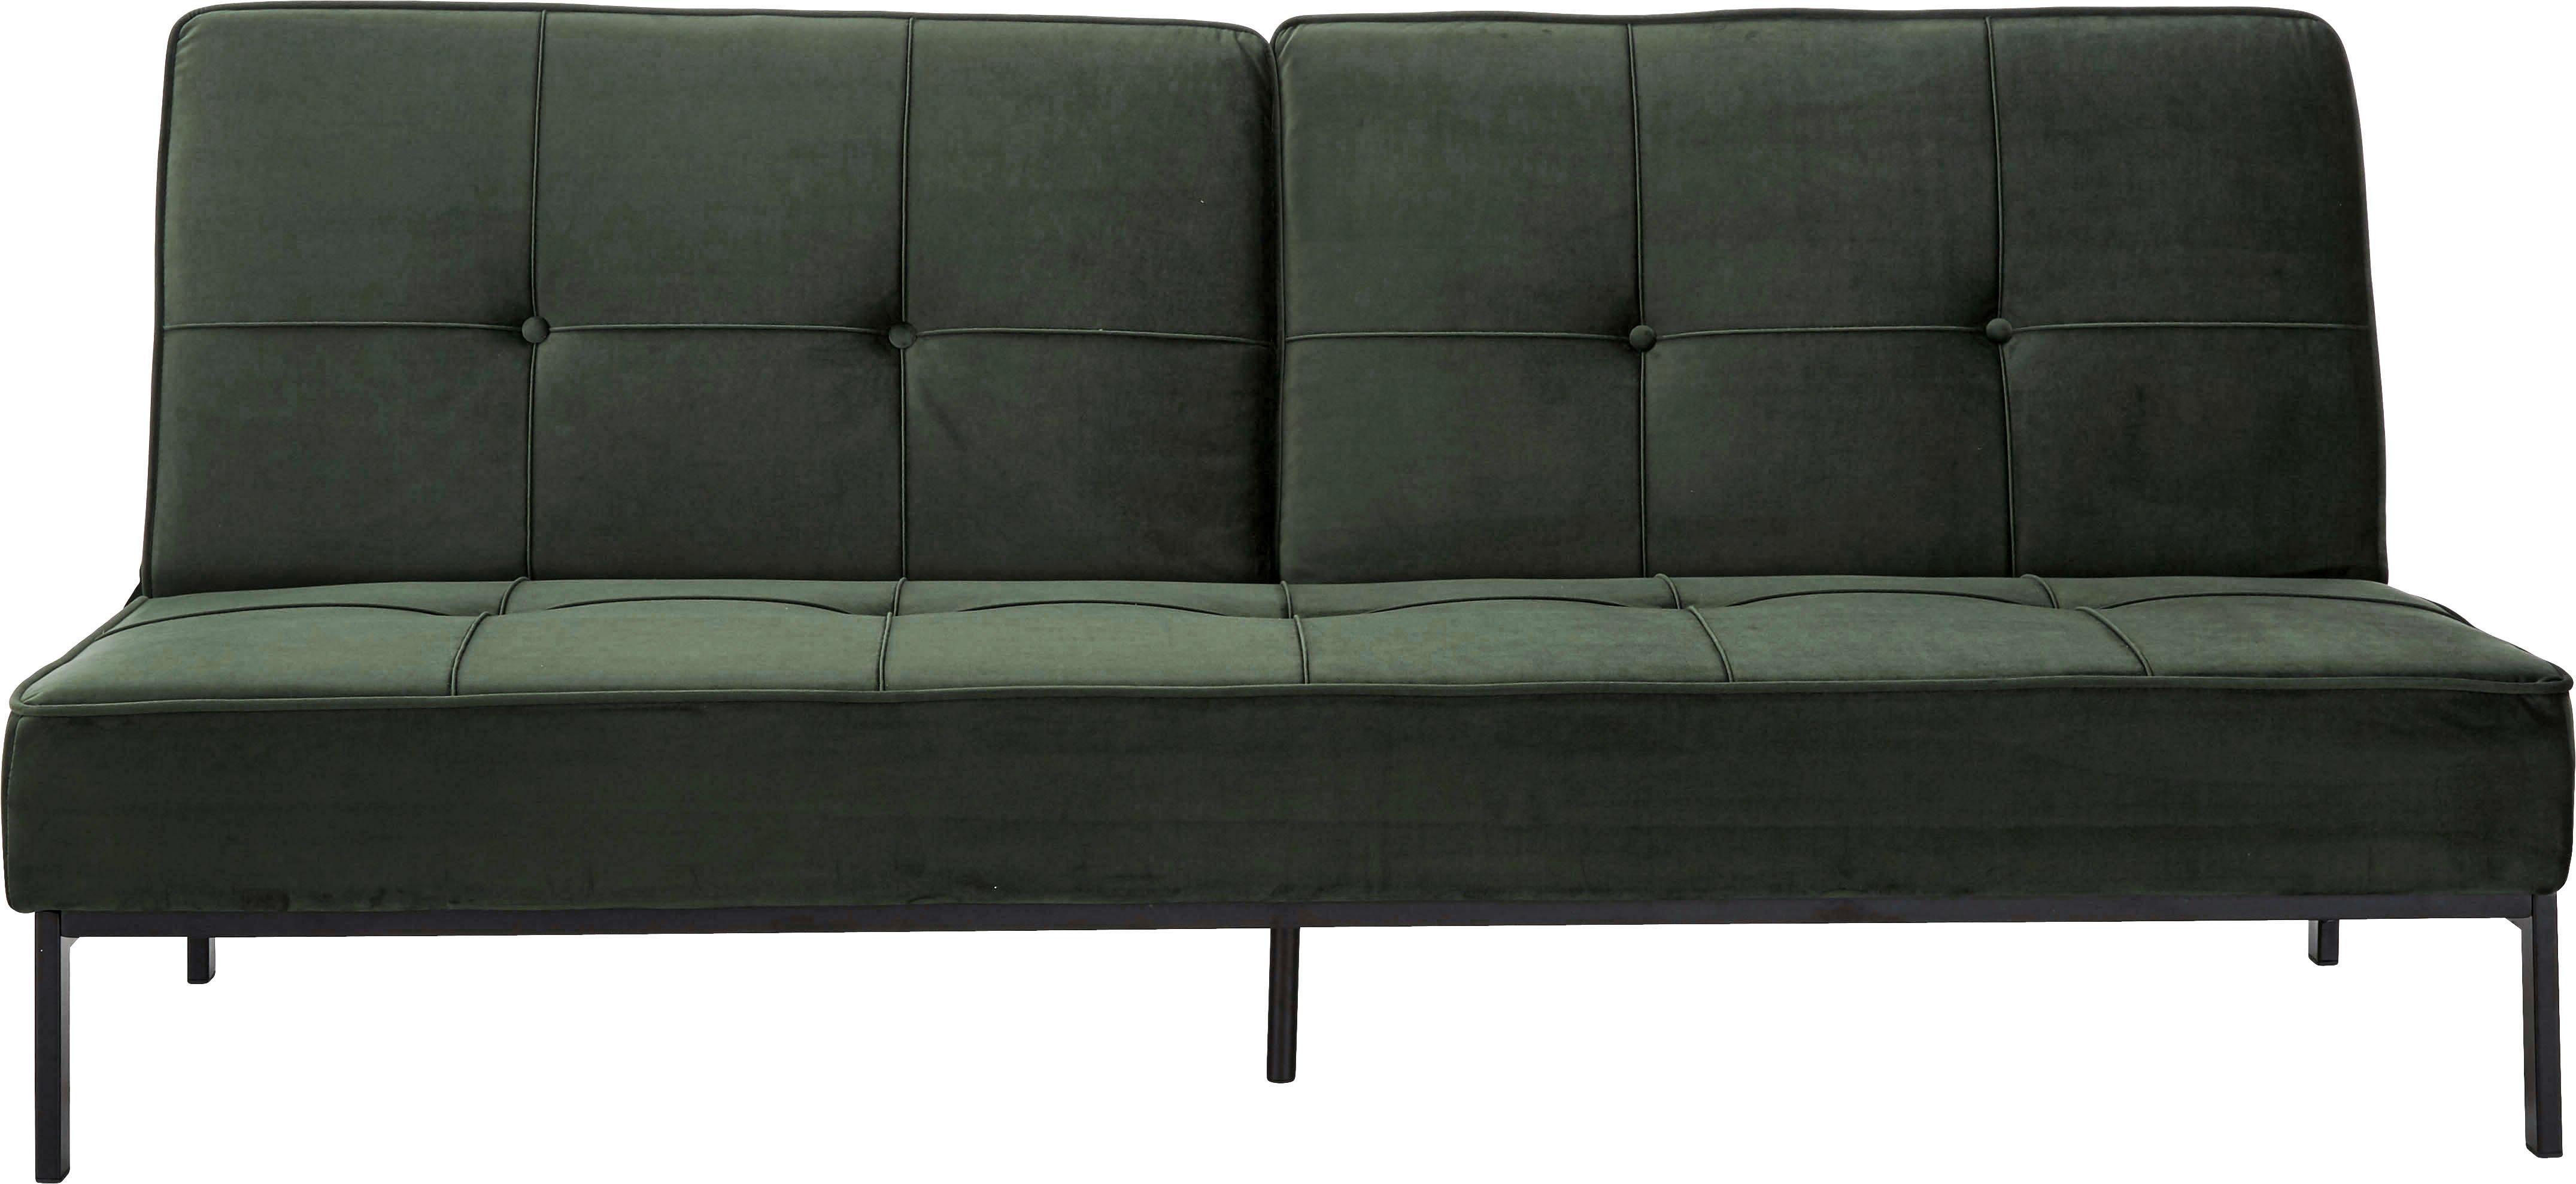 Sofa rozkładana z aksamitu Perugia, Tapicerka: aksamit poliestrowy, Stelaż: metal malowany proszkowo, Aksamitny zielony, S 198 x G 95 cm